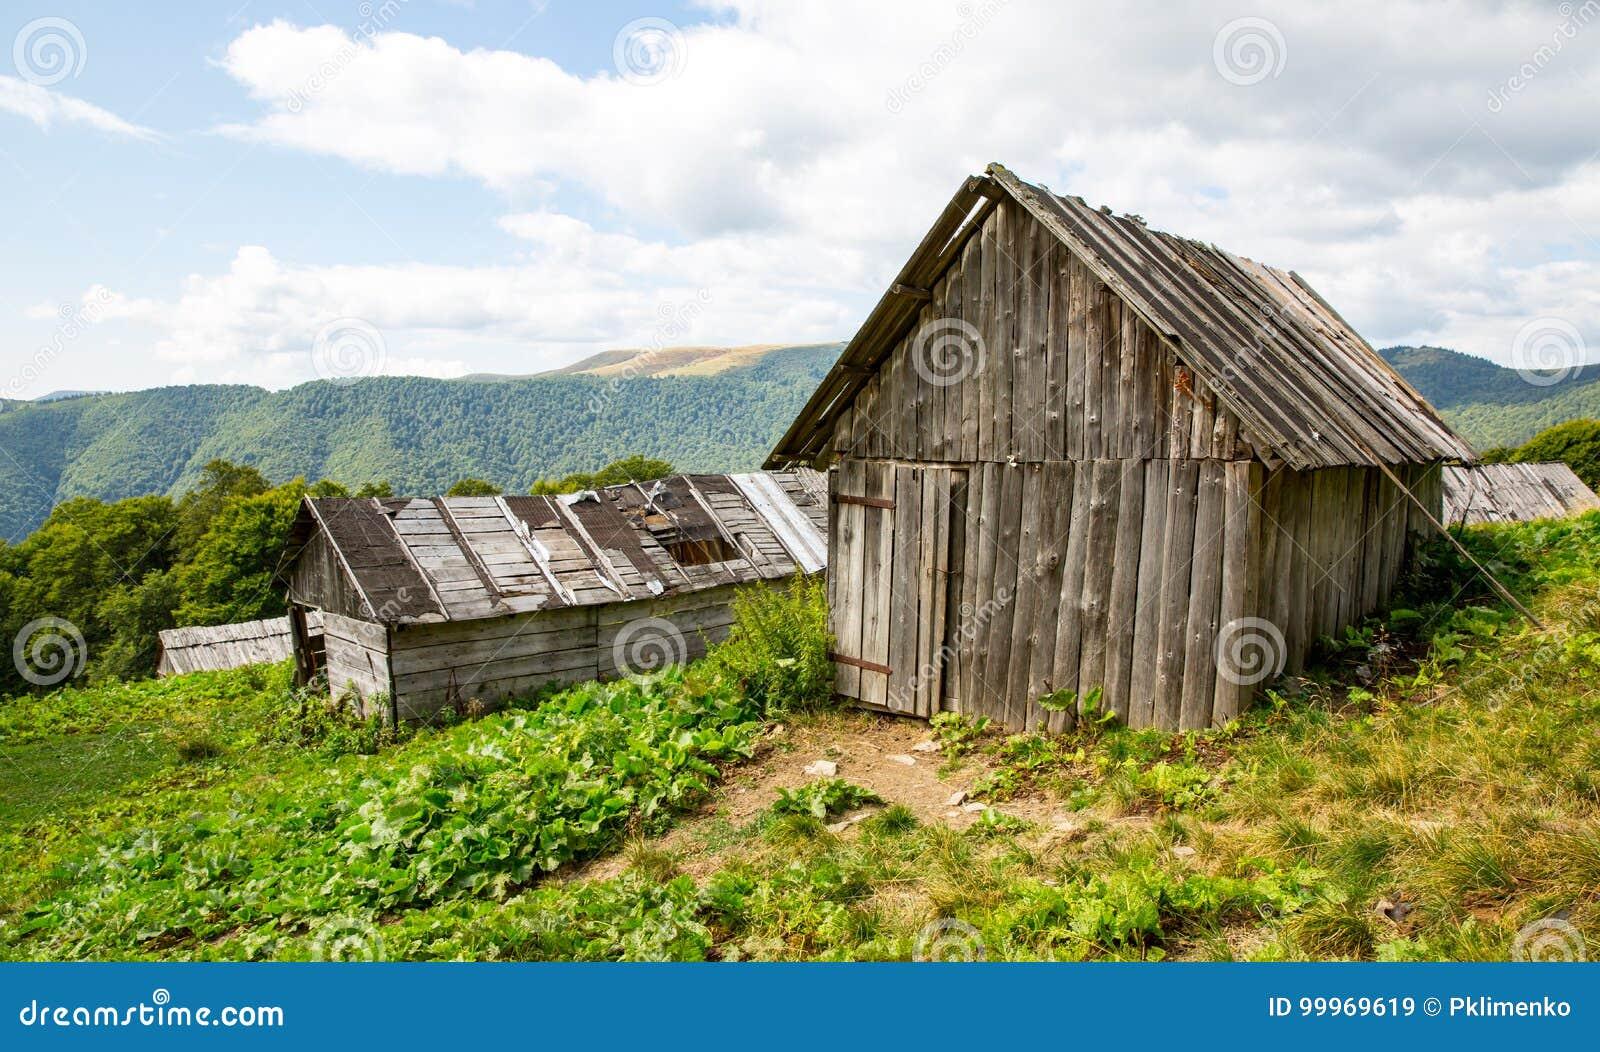 Casas De Madera Viejas En Prado En Montanas Imagen De Archivo